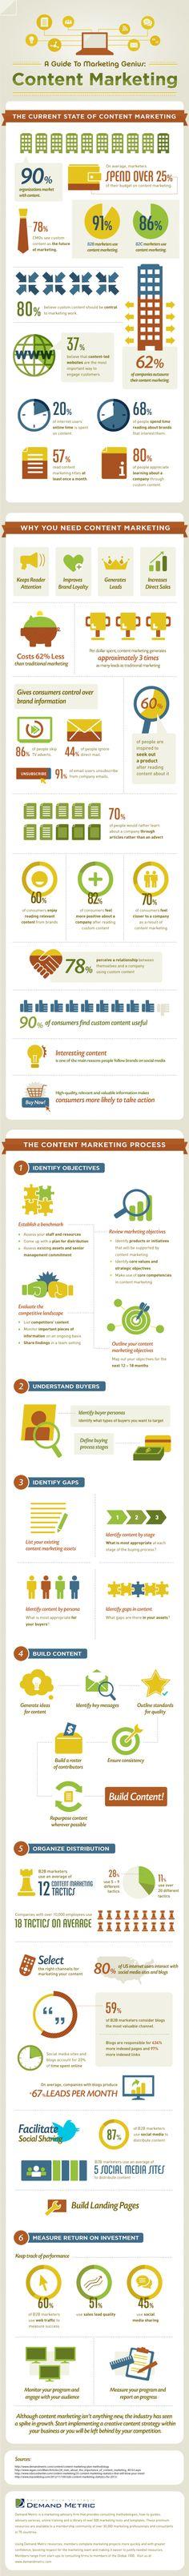 Content Marketing - Hype oder Besinnung auf Qualität? Studie und Infografik